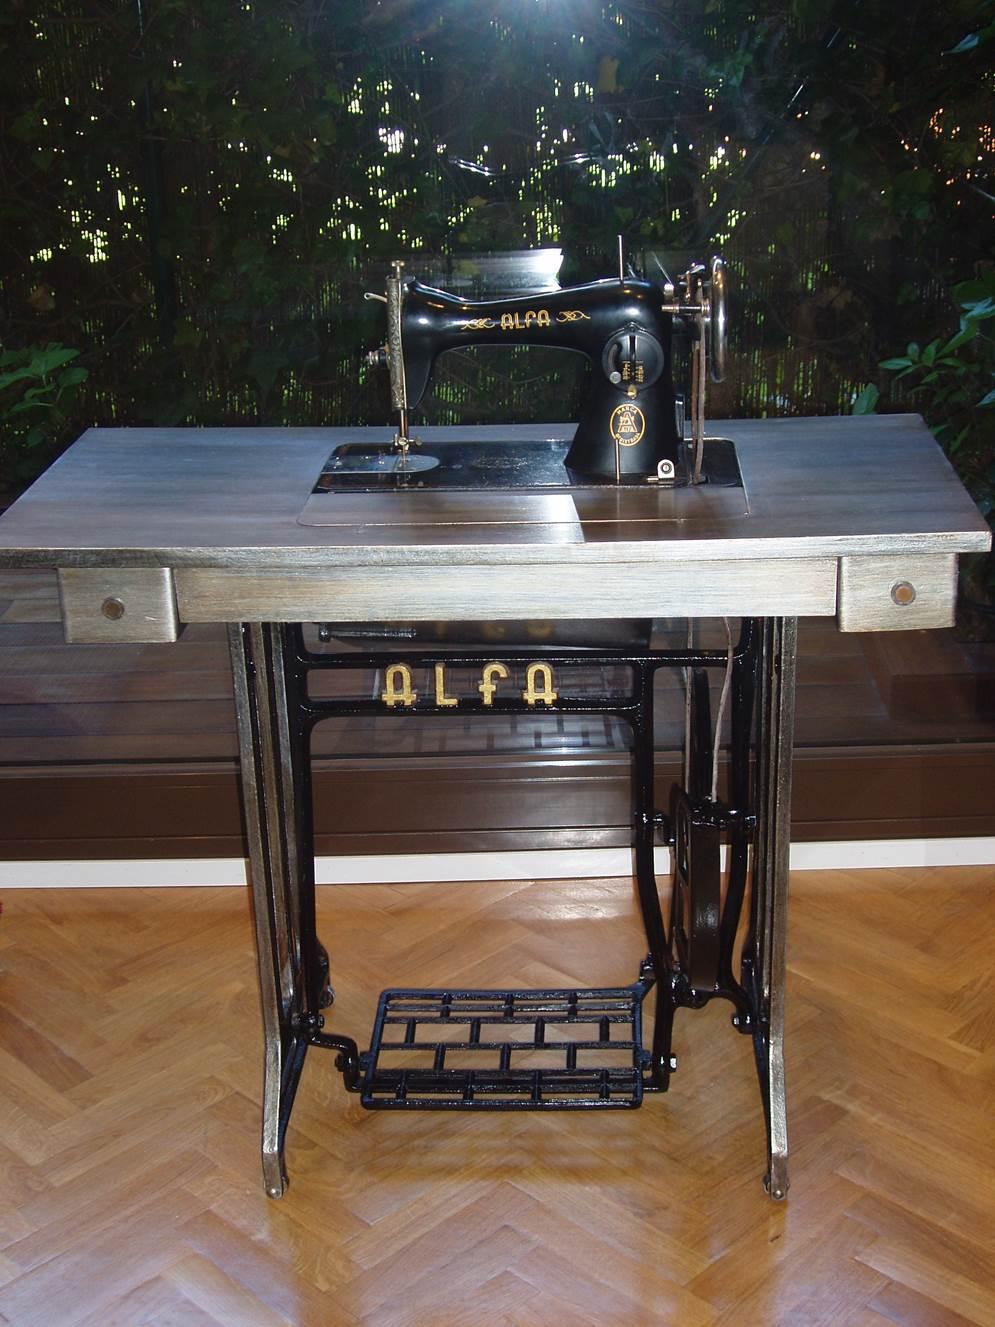 Moderniza Tus Muebles Antiguos Y Da Un Toque Especial A Tu Hogar  # Muebles Toque Antiguo